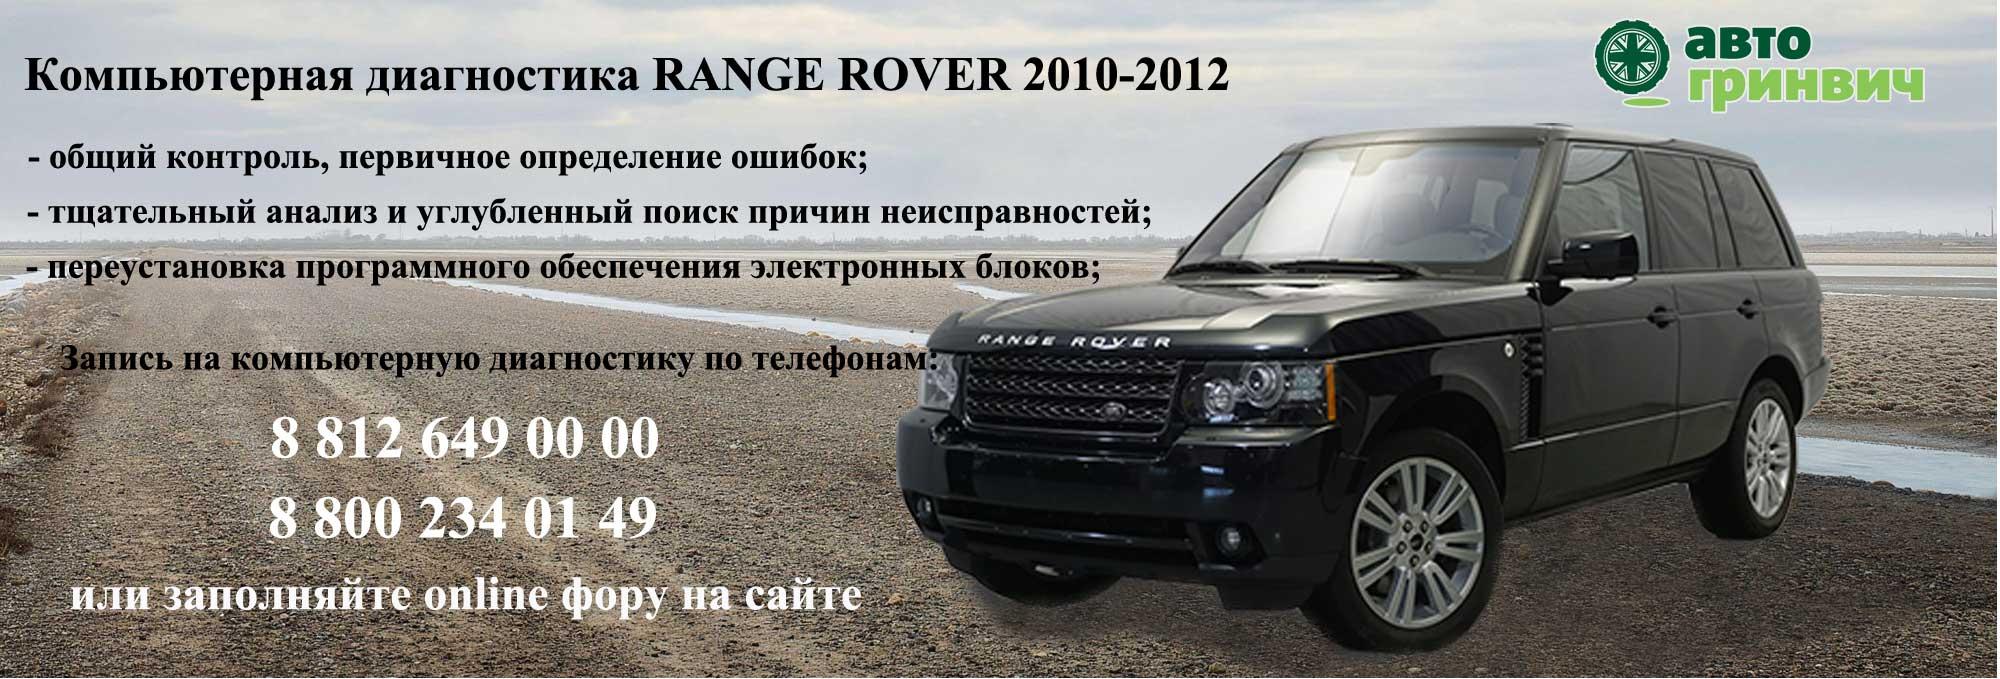 Диагностика Range Rover 2010-2012